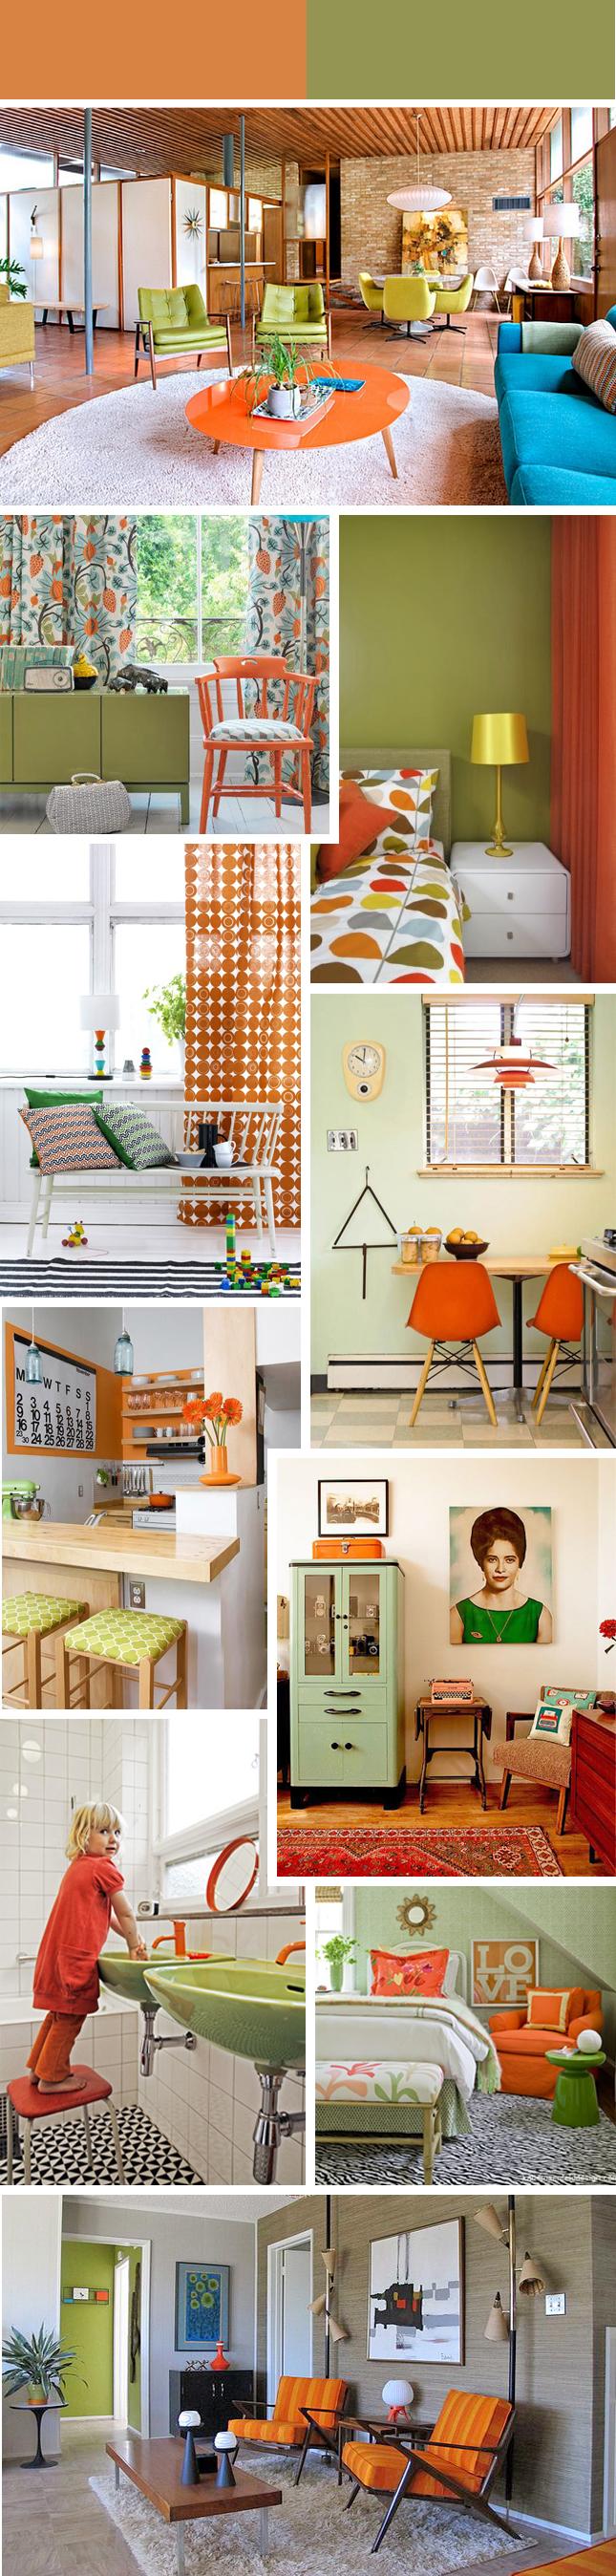 decoradornet-retro-laranja-e-verde-02